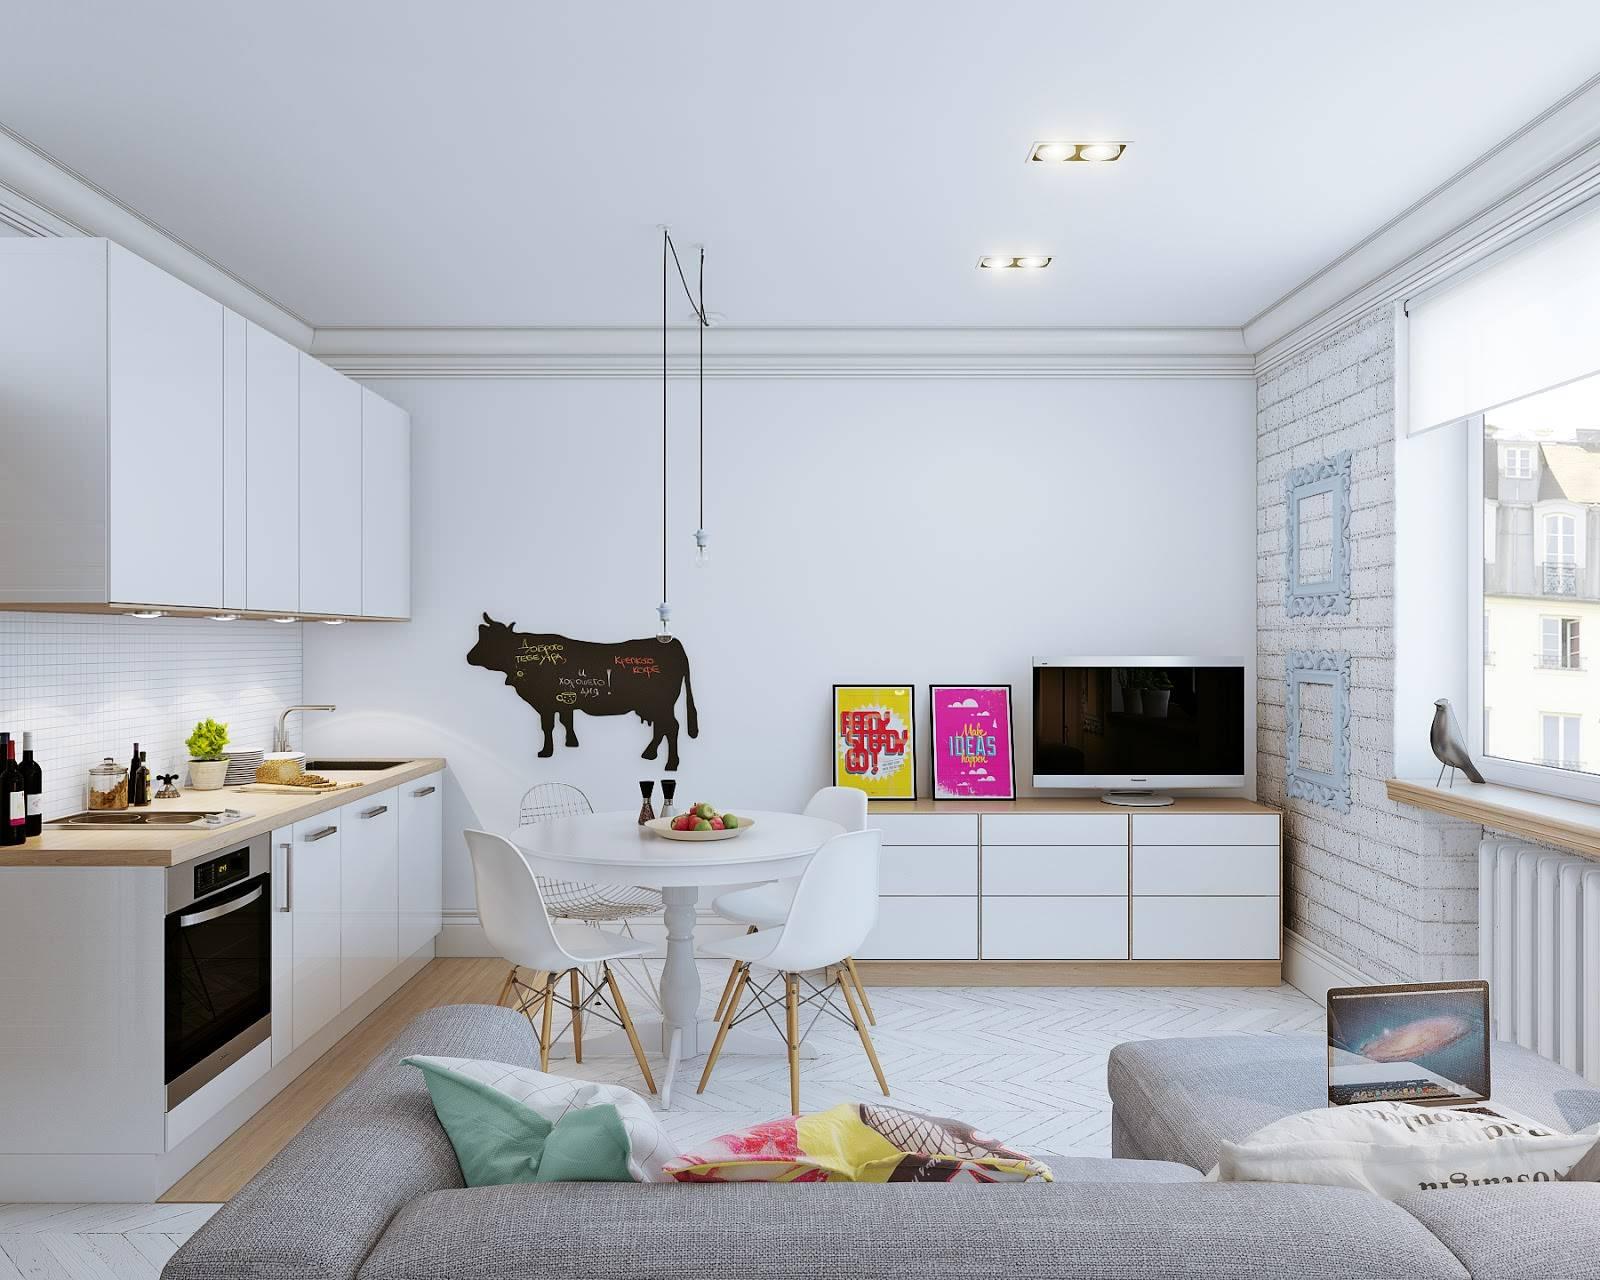 Интерьер маленькой квартиры-студии 24 кв. м. в скандинавском стиле (9)